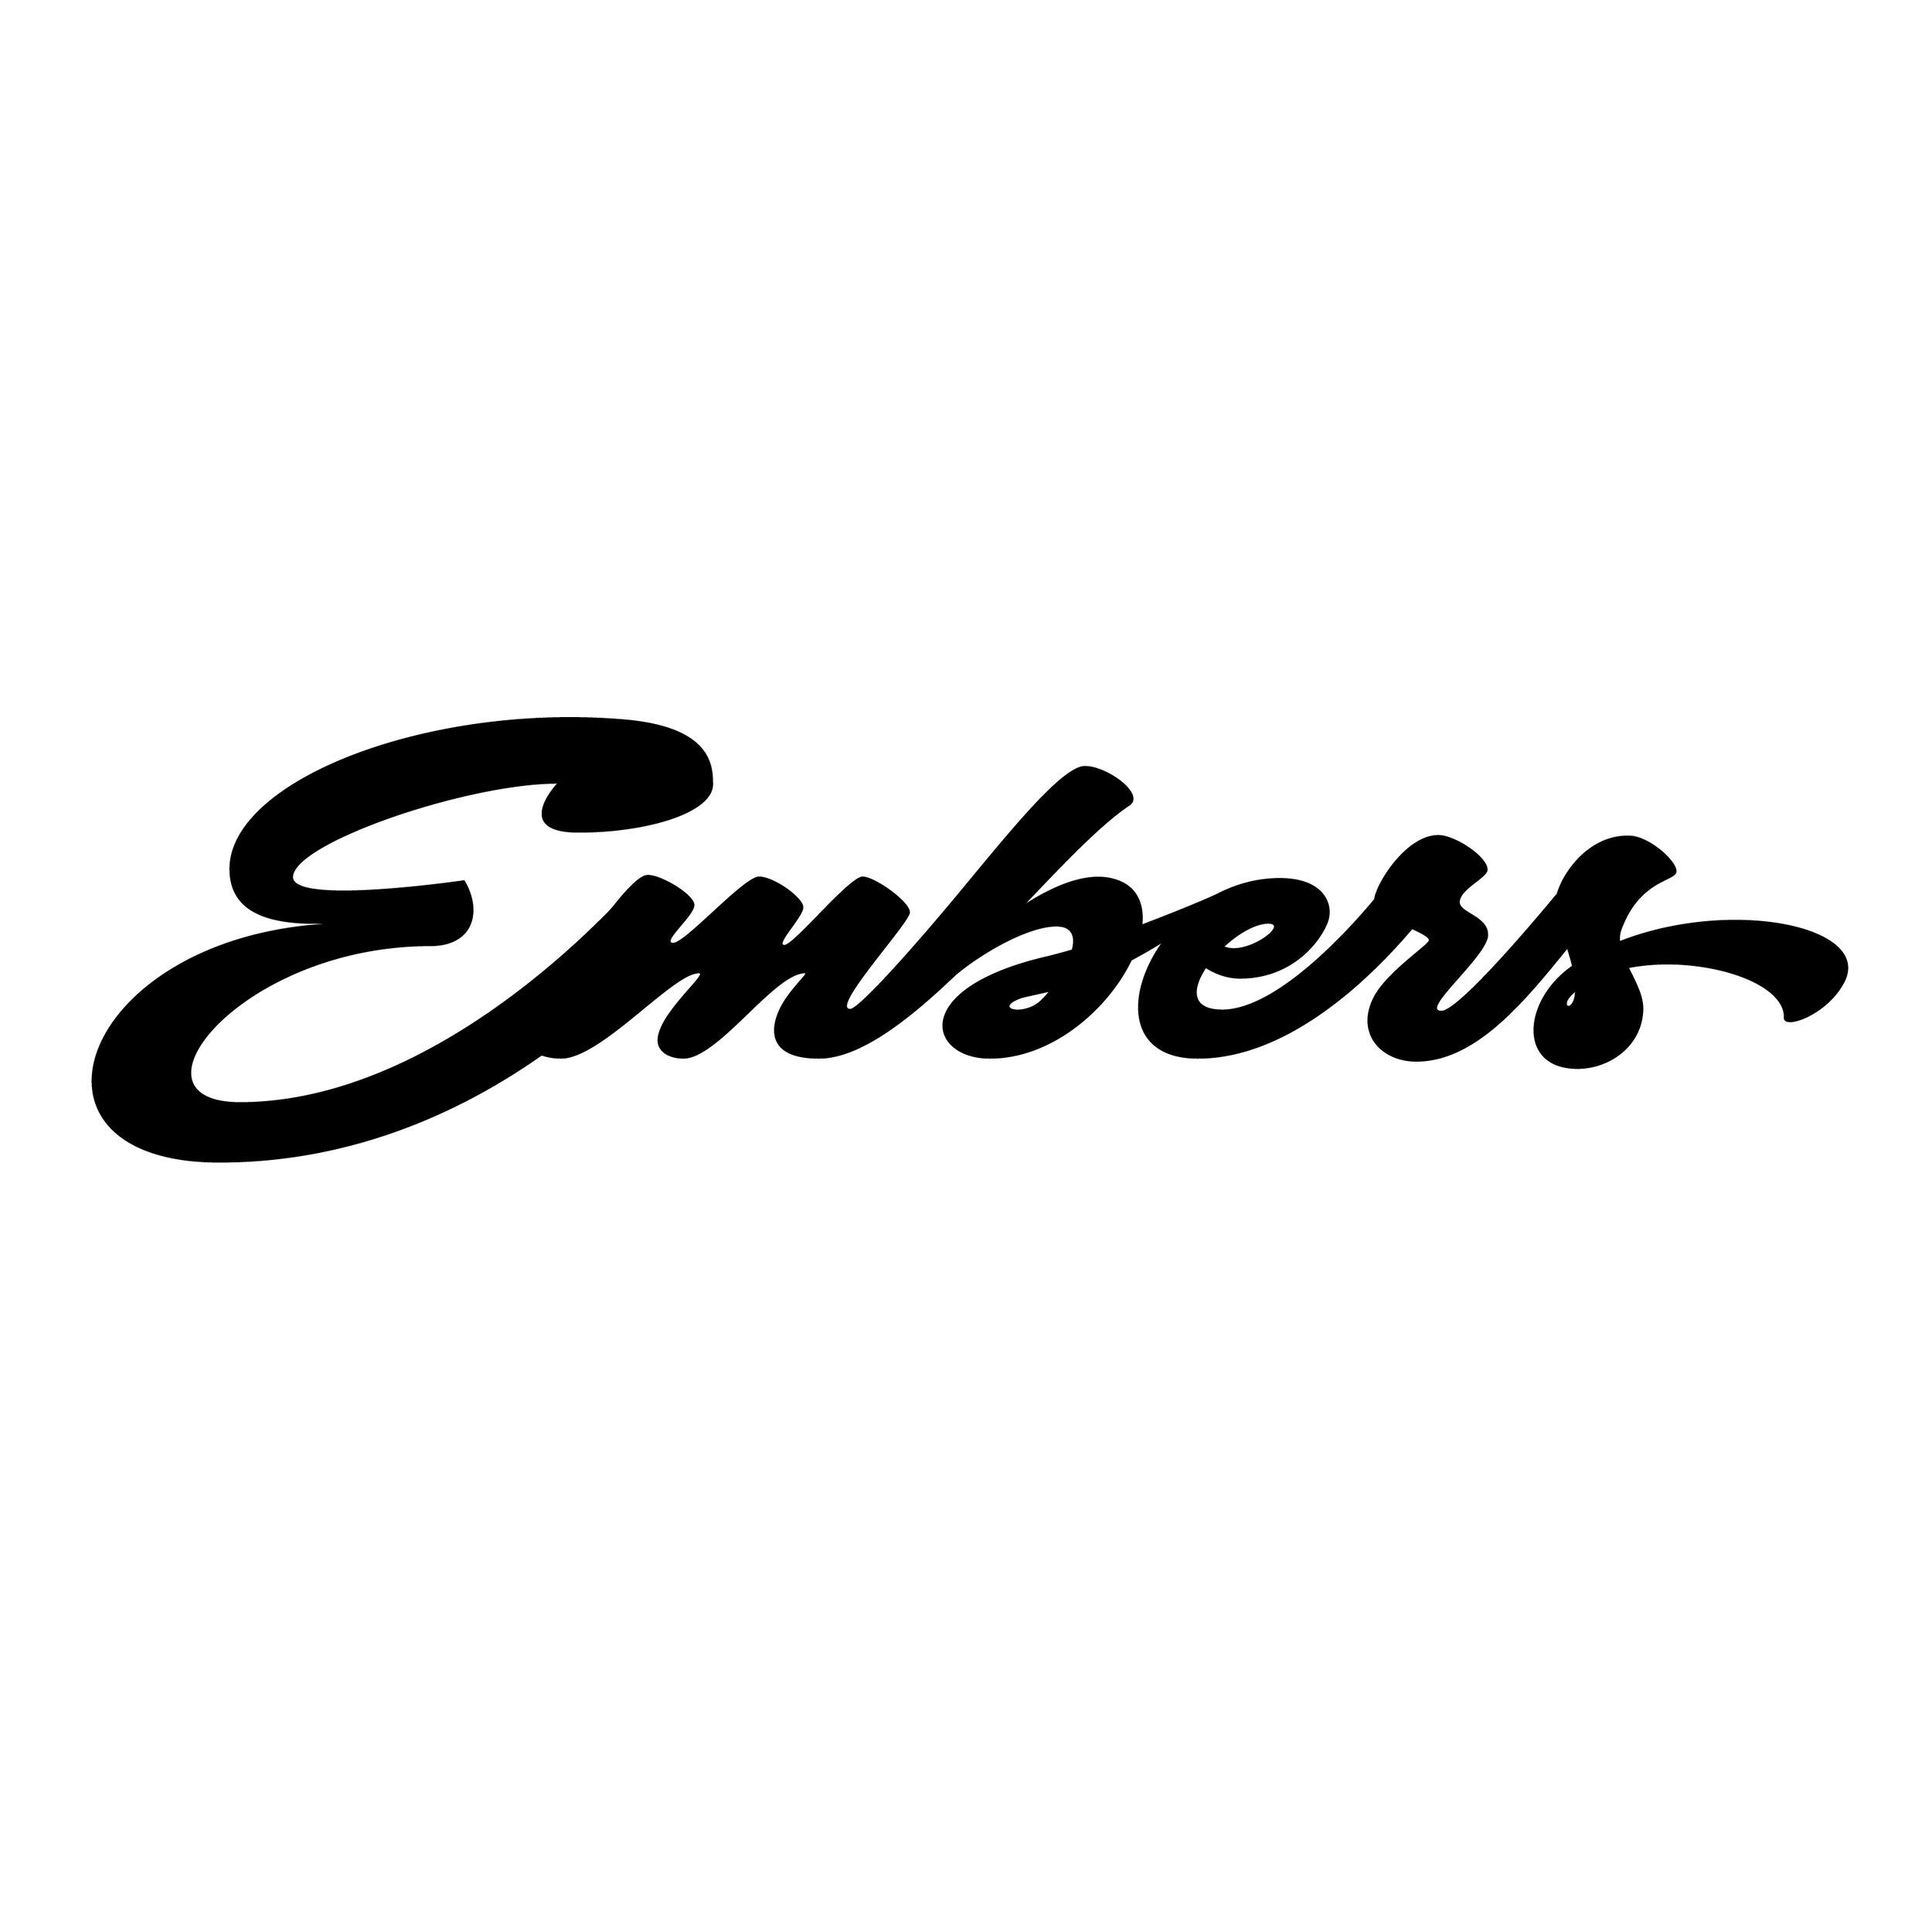 Embers - Black